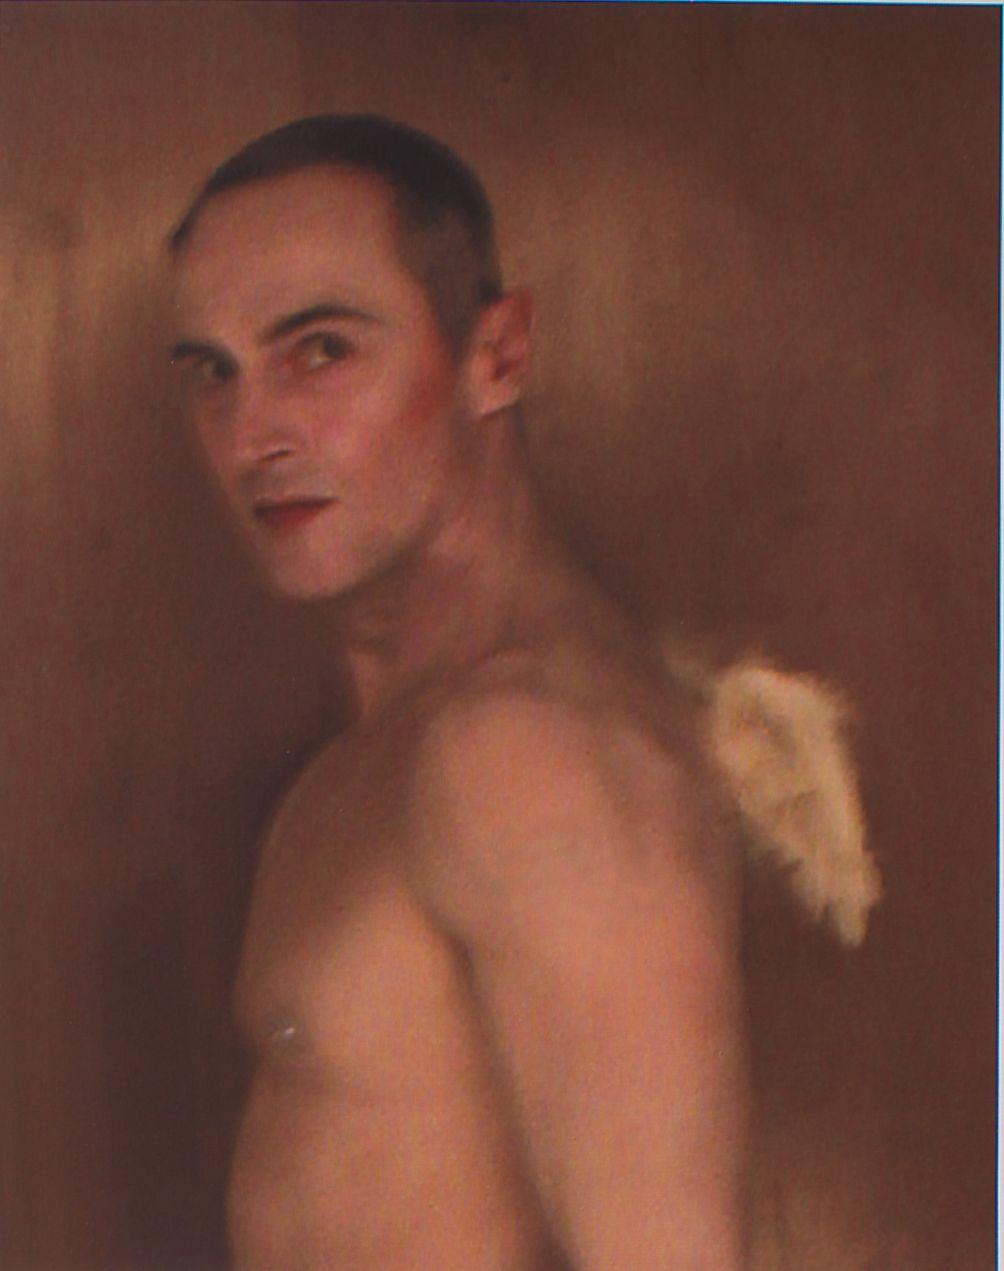 Self Portrait as Cupid, 2006, Archival digital print on canvas, 28.25h x 22w in (71.76h x 55.88w cm)